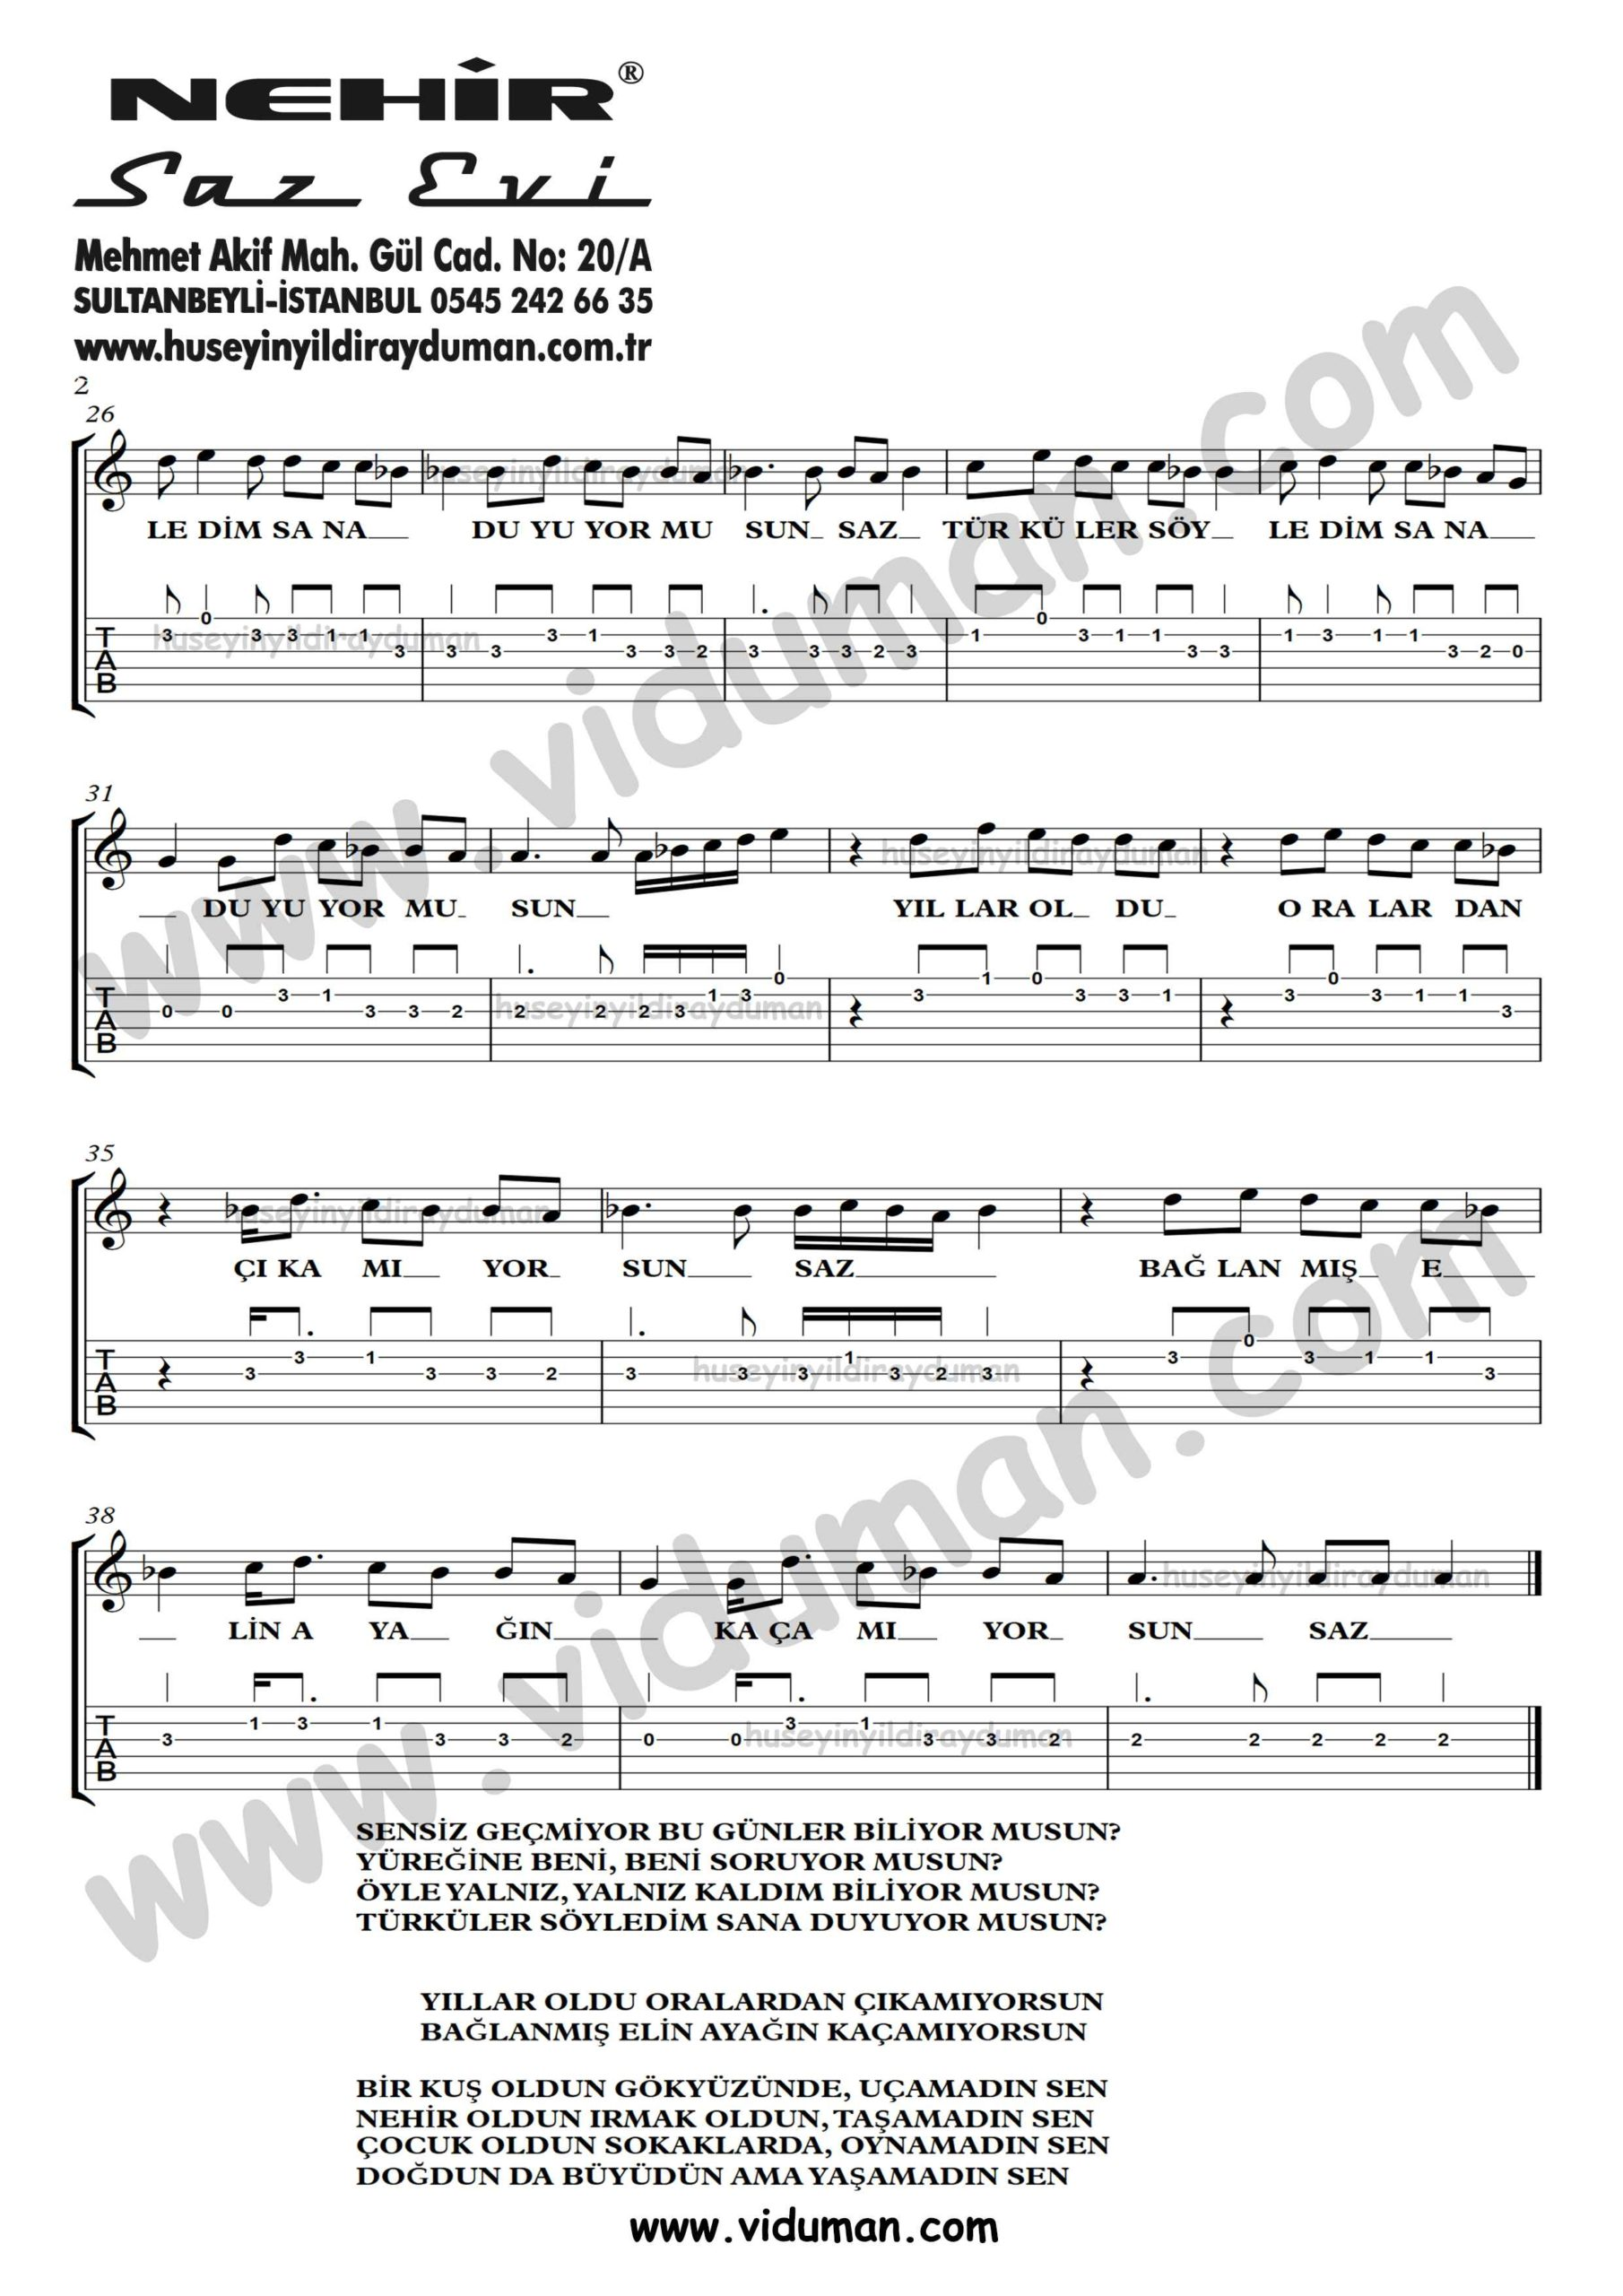 Yasamadin Sen_2-Ahmet Kaya-Gitar Tab-Solo Notalari